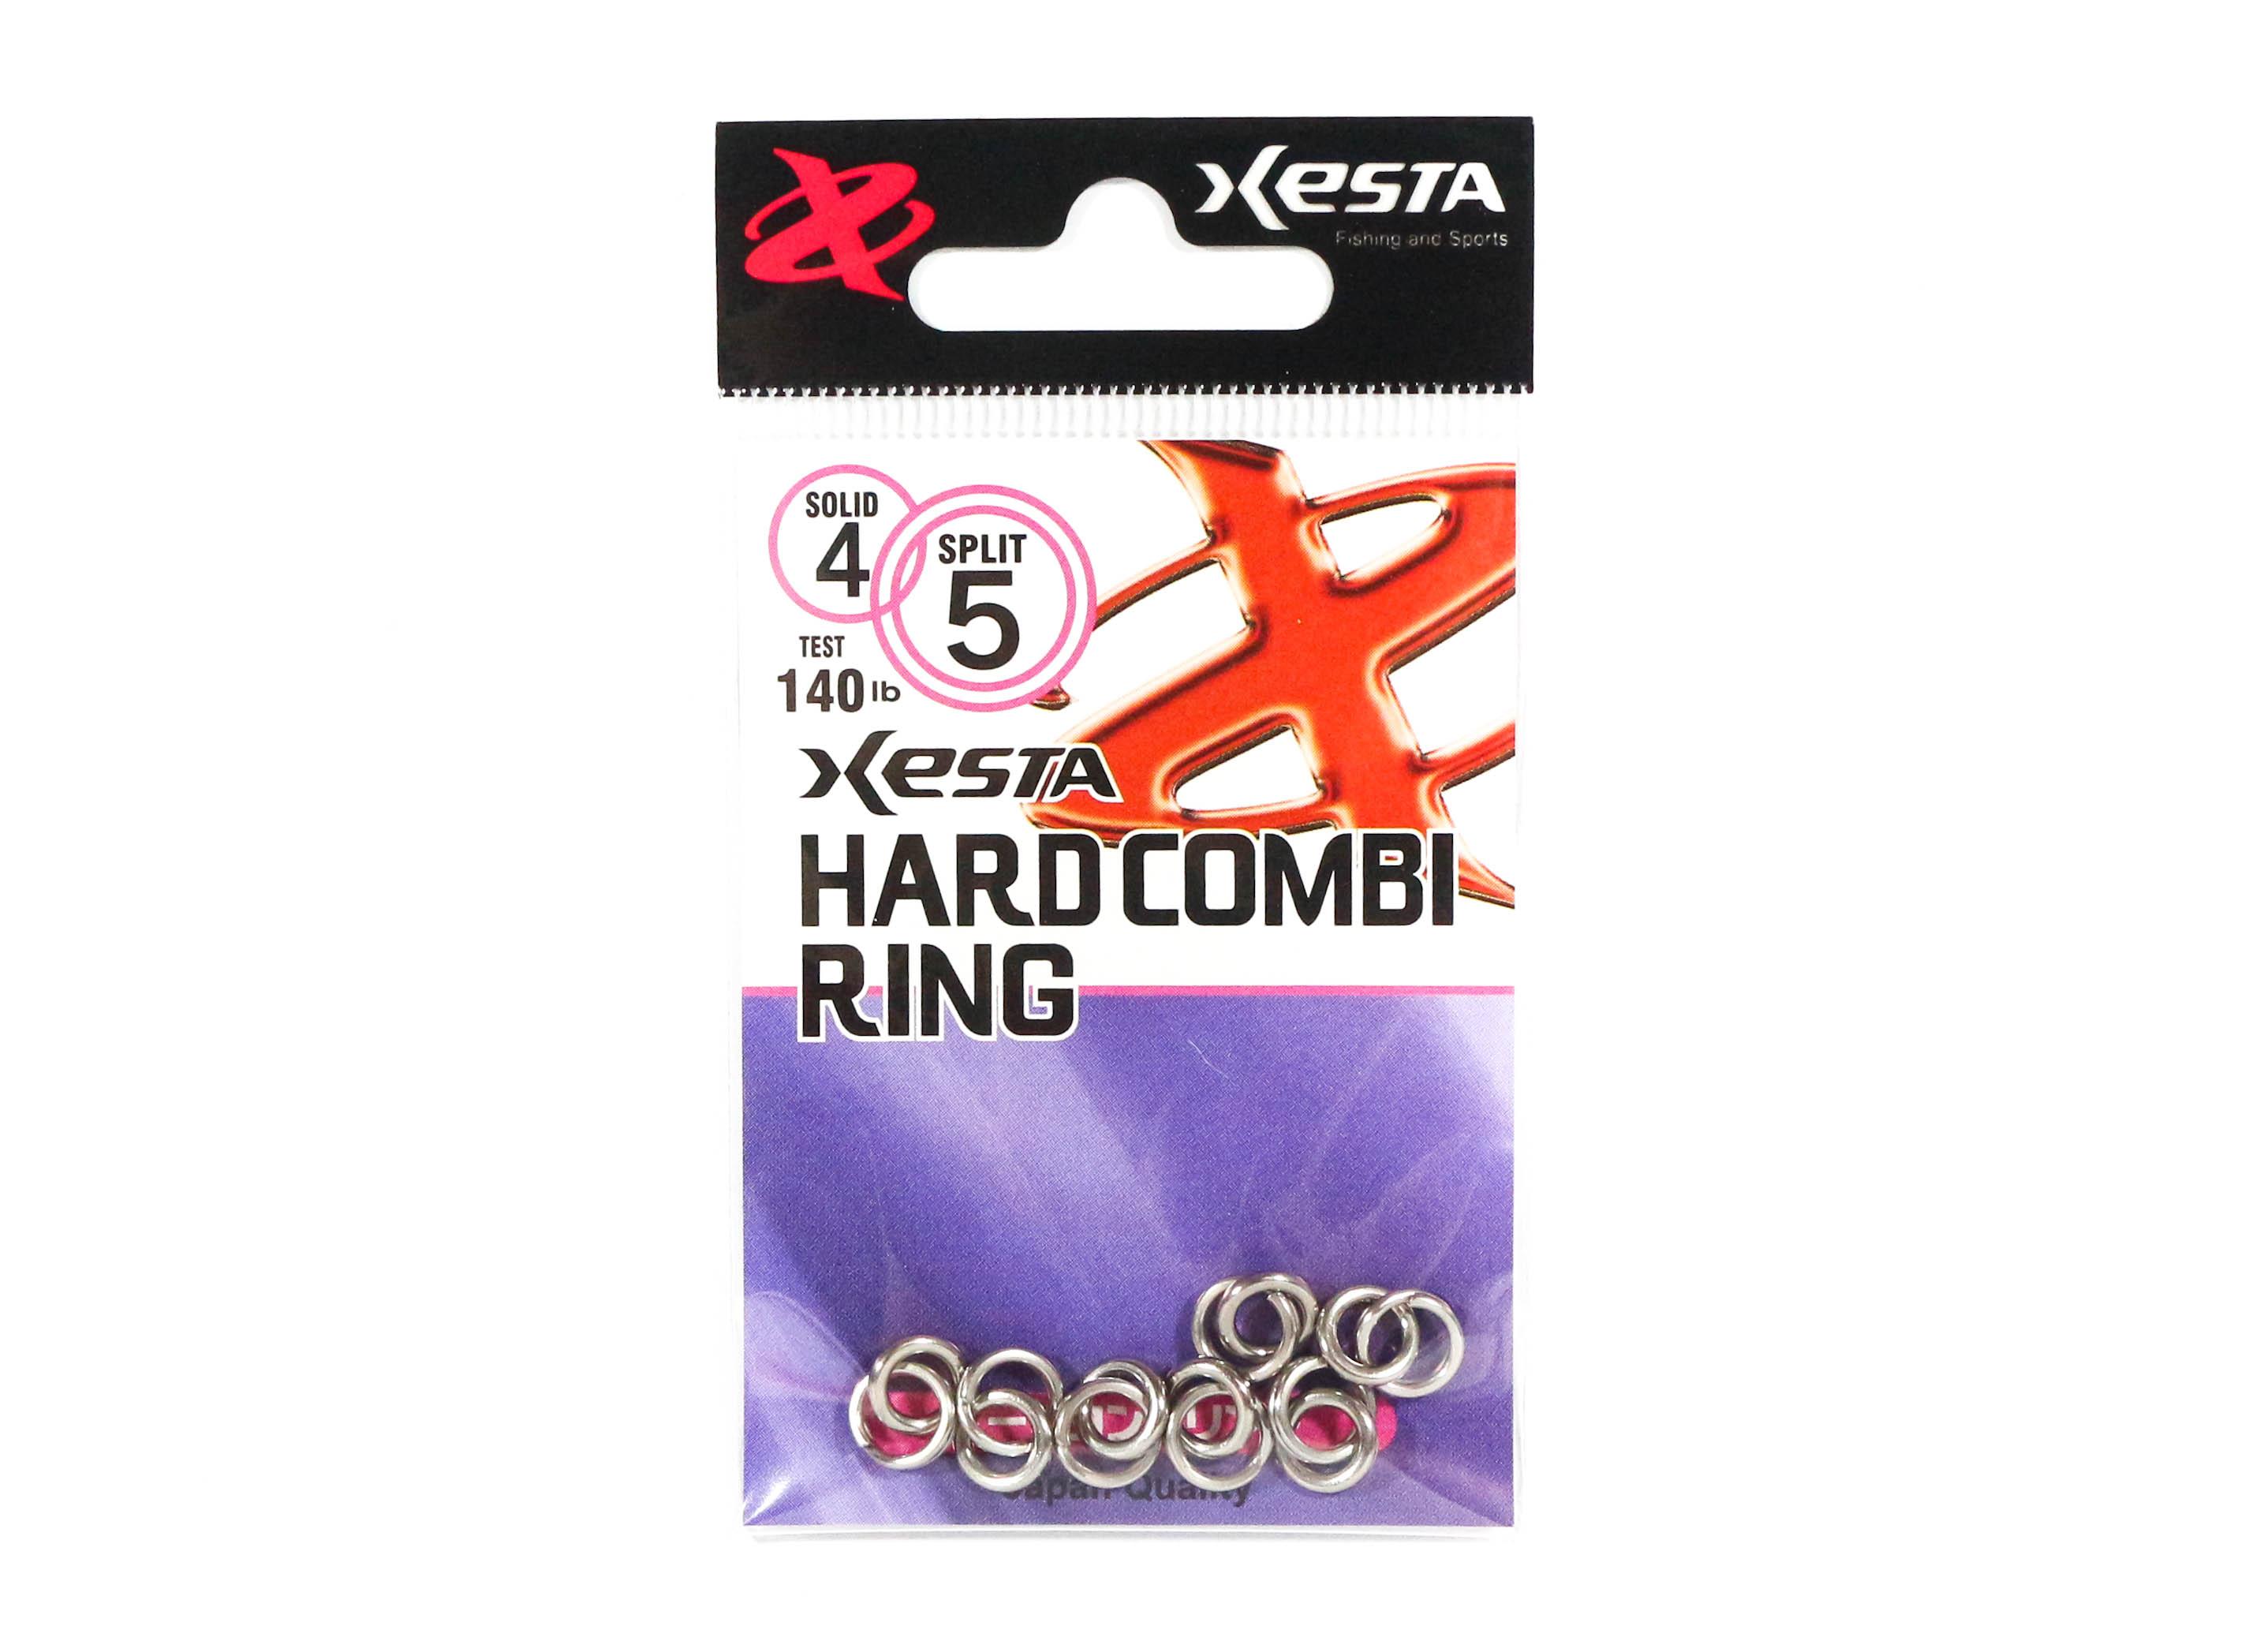 Xesta Hard Combi Ring Size 4 80 lb , 7 Pieces (5118)